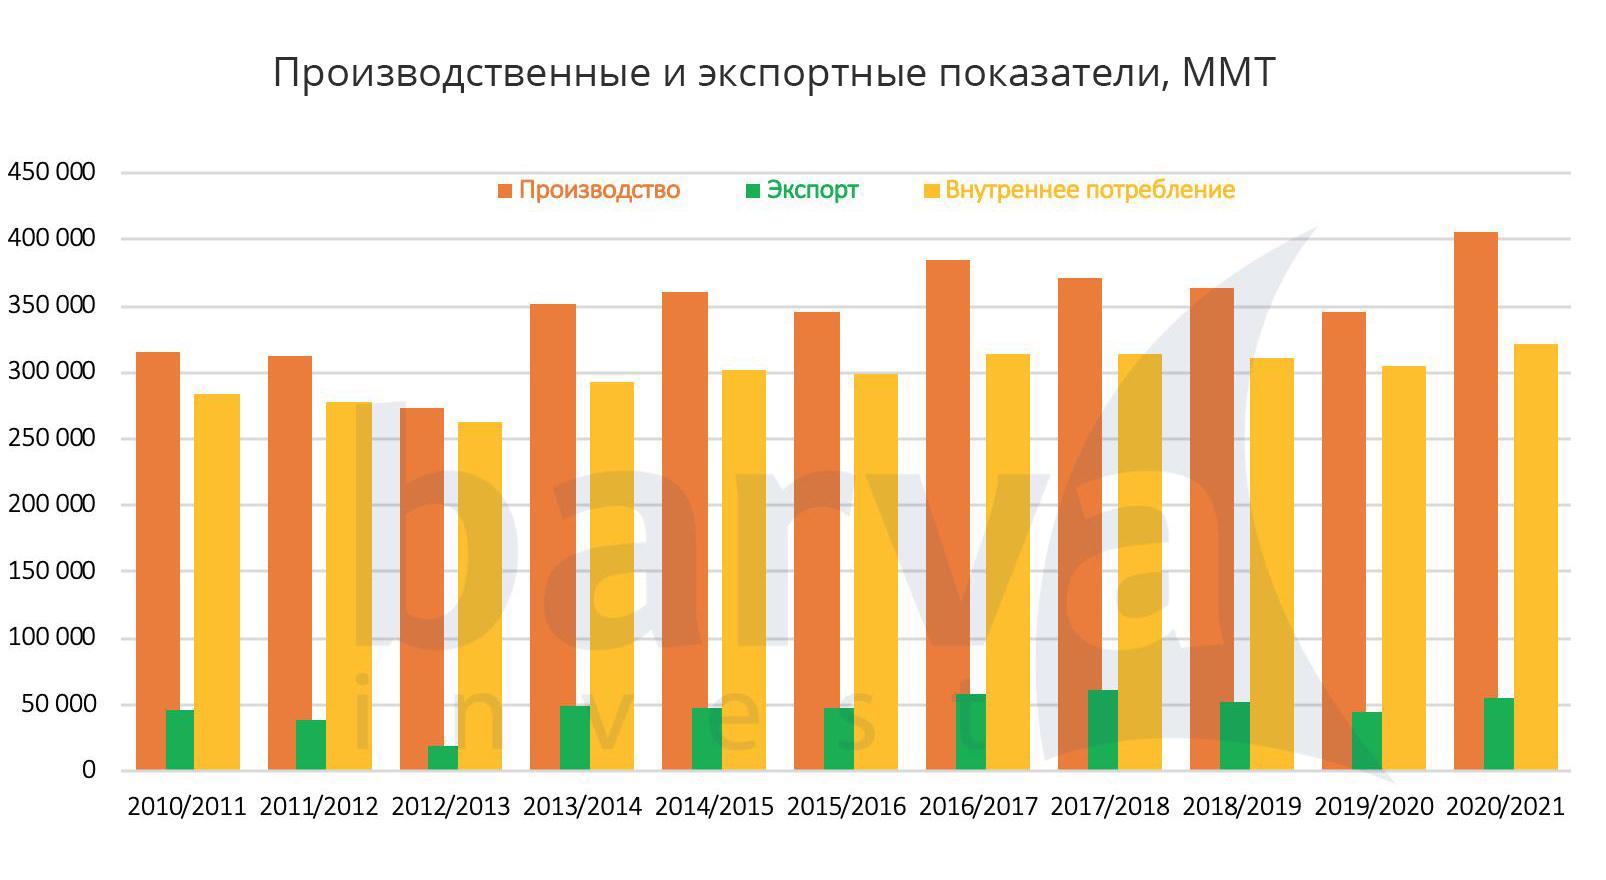 Производственные и экспортные показатели, ММТ